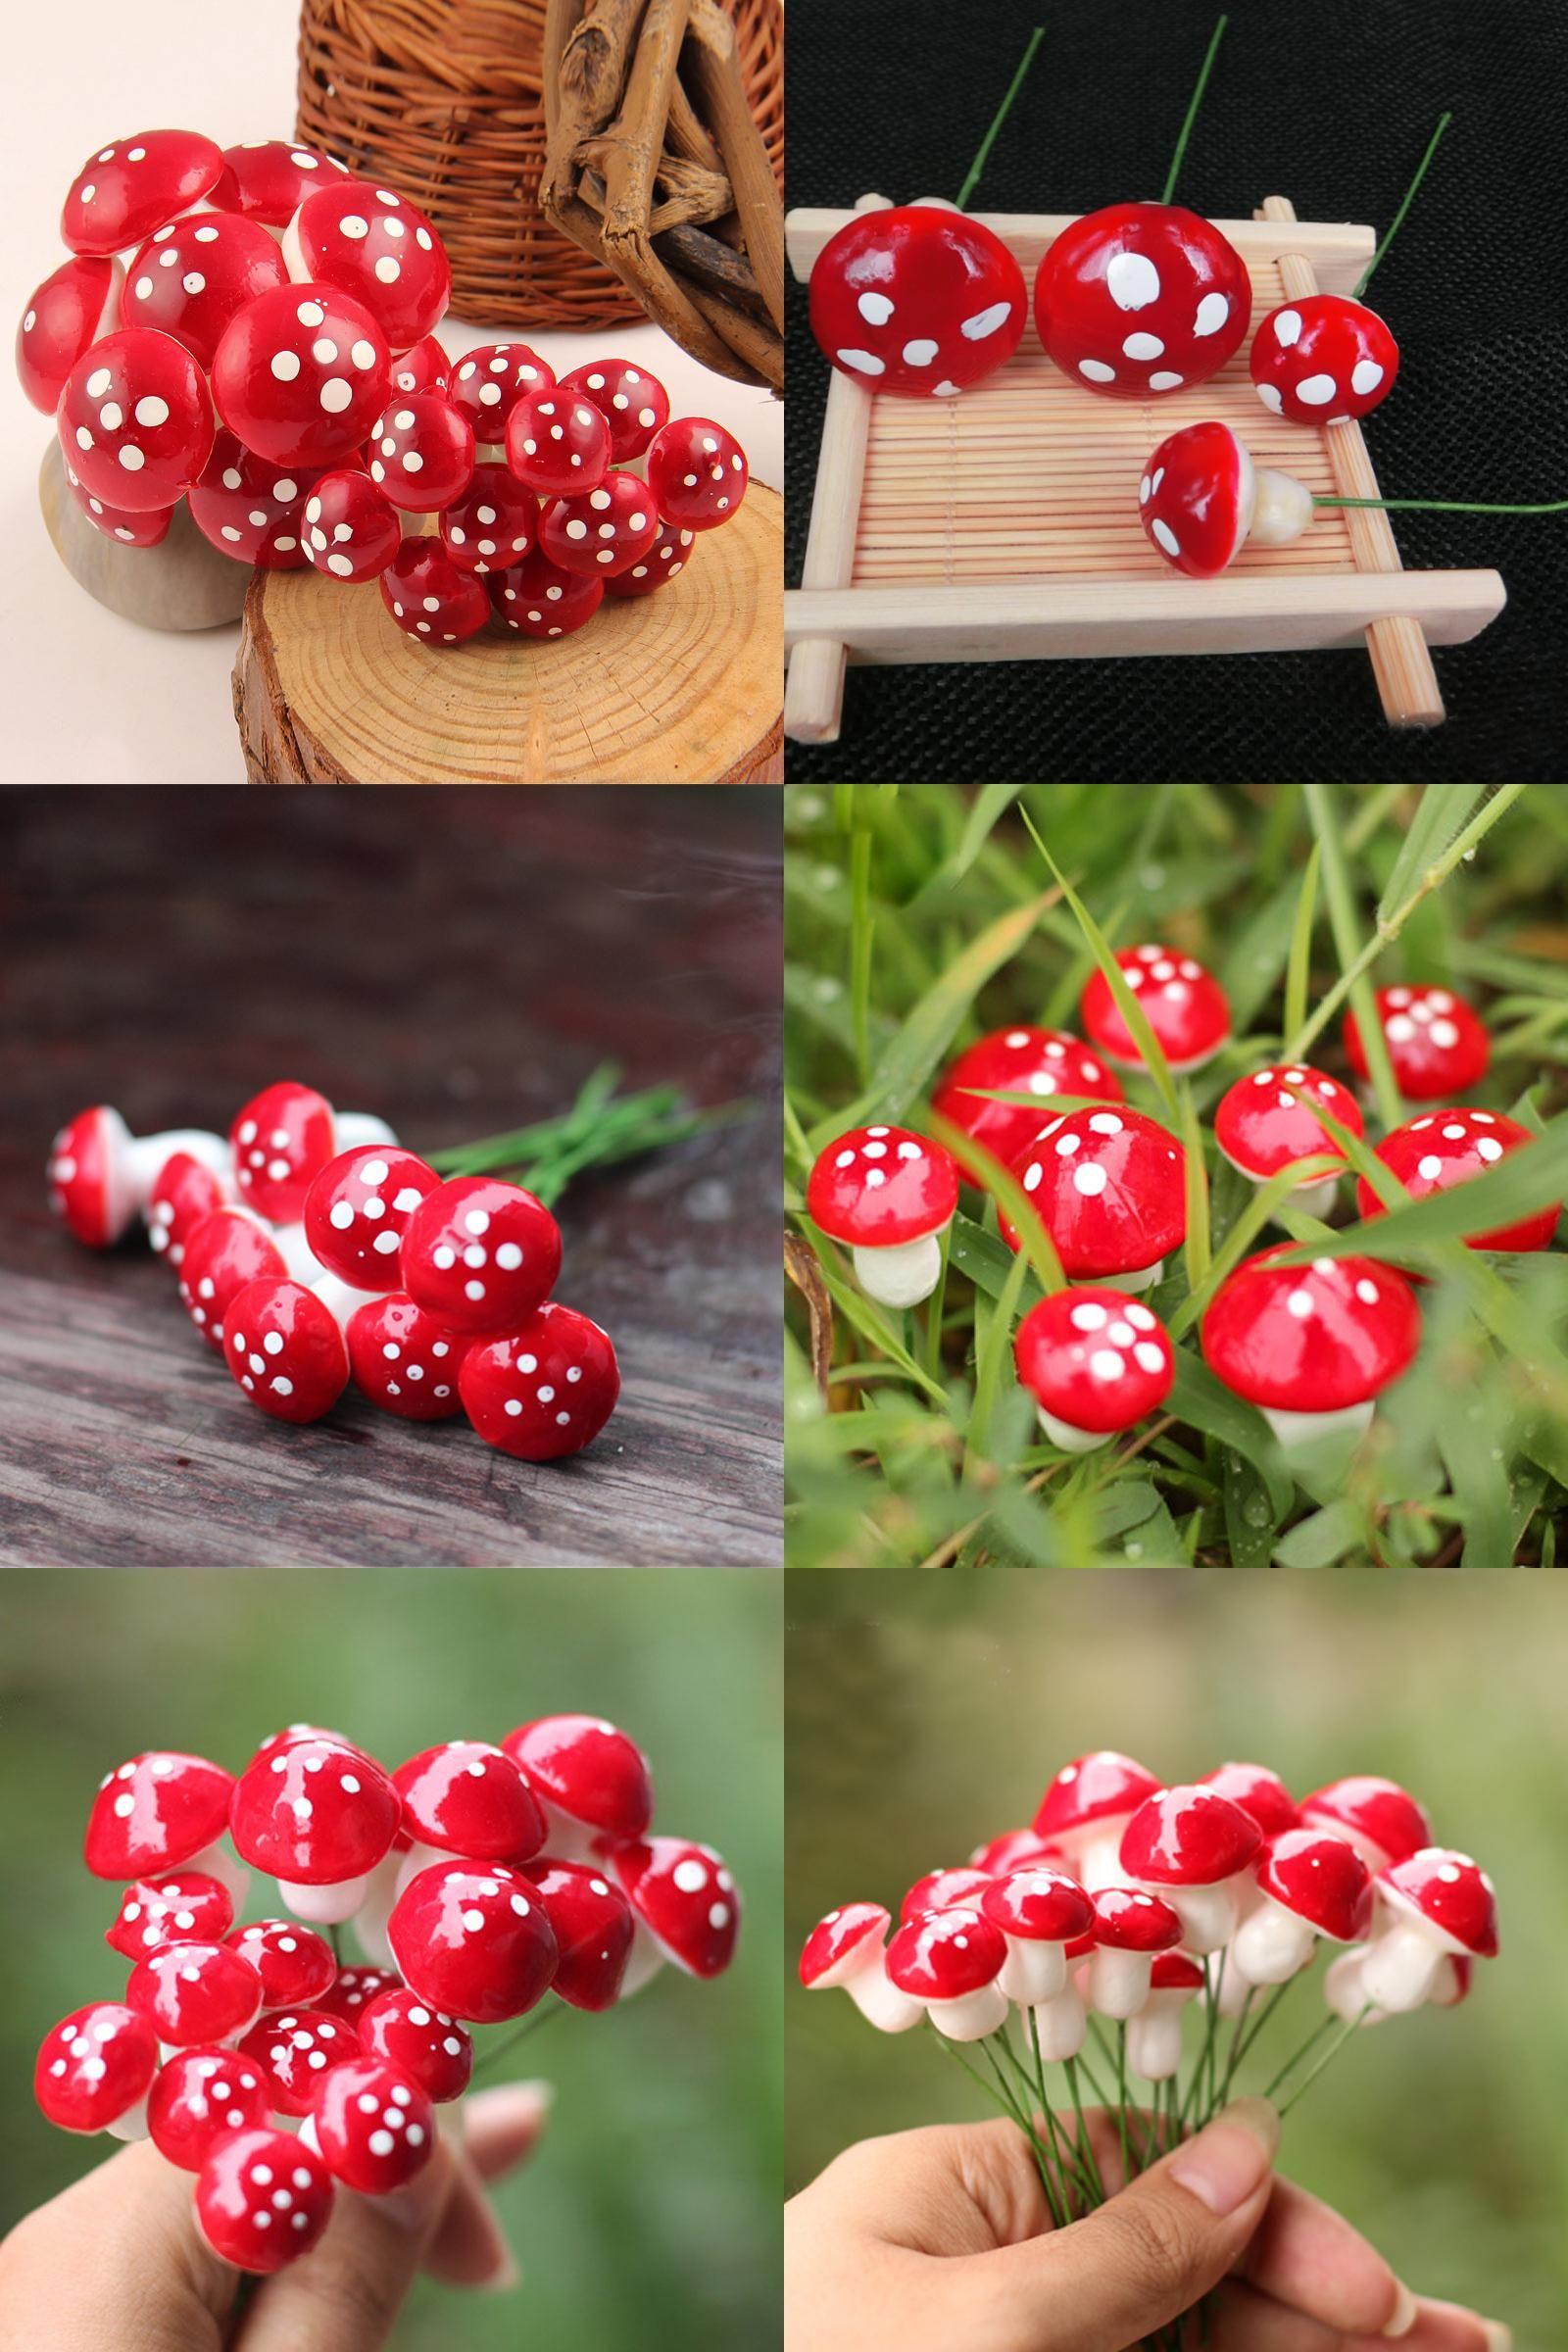 Visit to Buy] 50 PCS Garden Ornament Plant Pots Fairy Garden ...